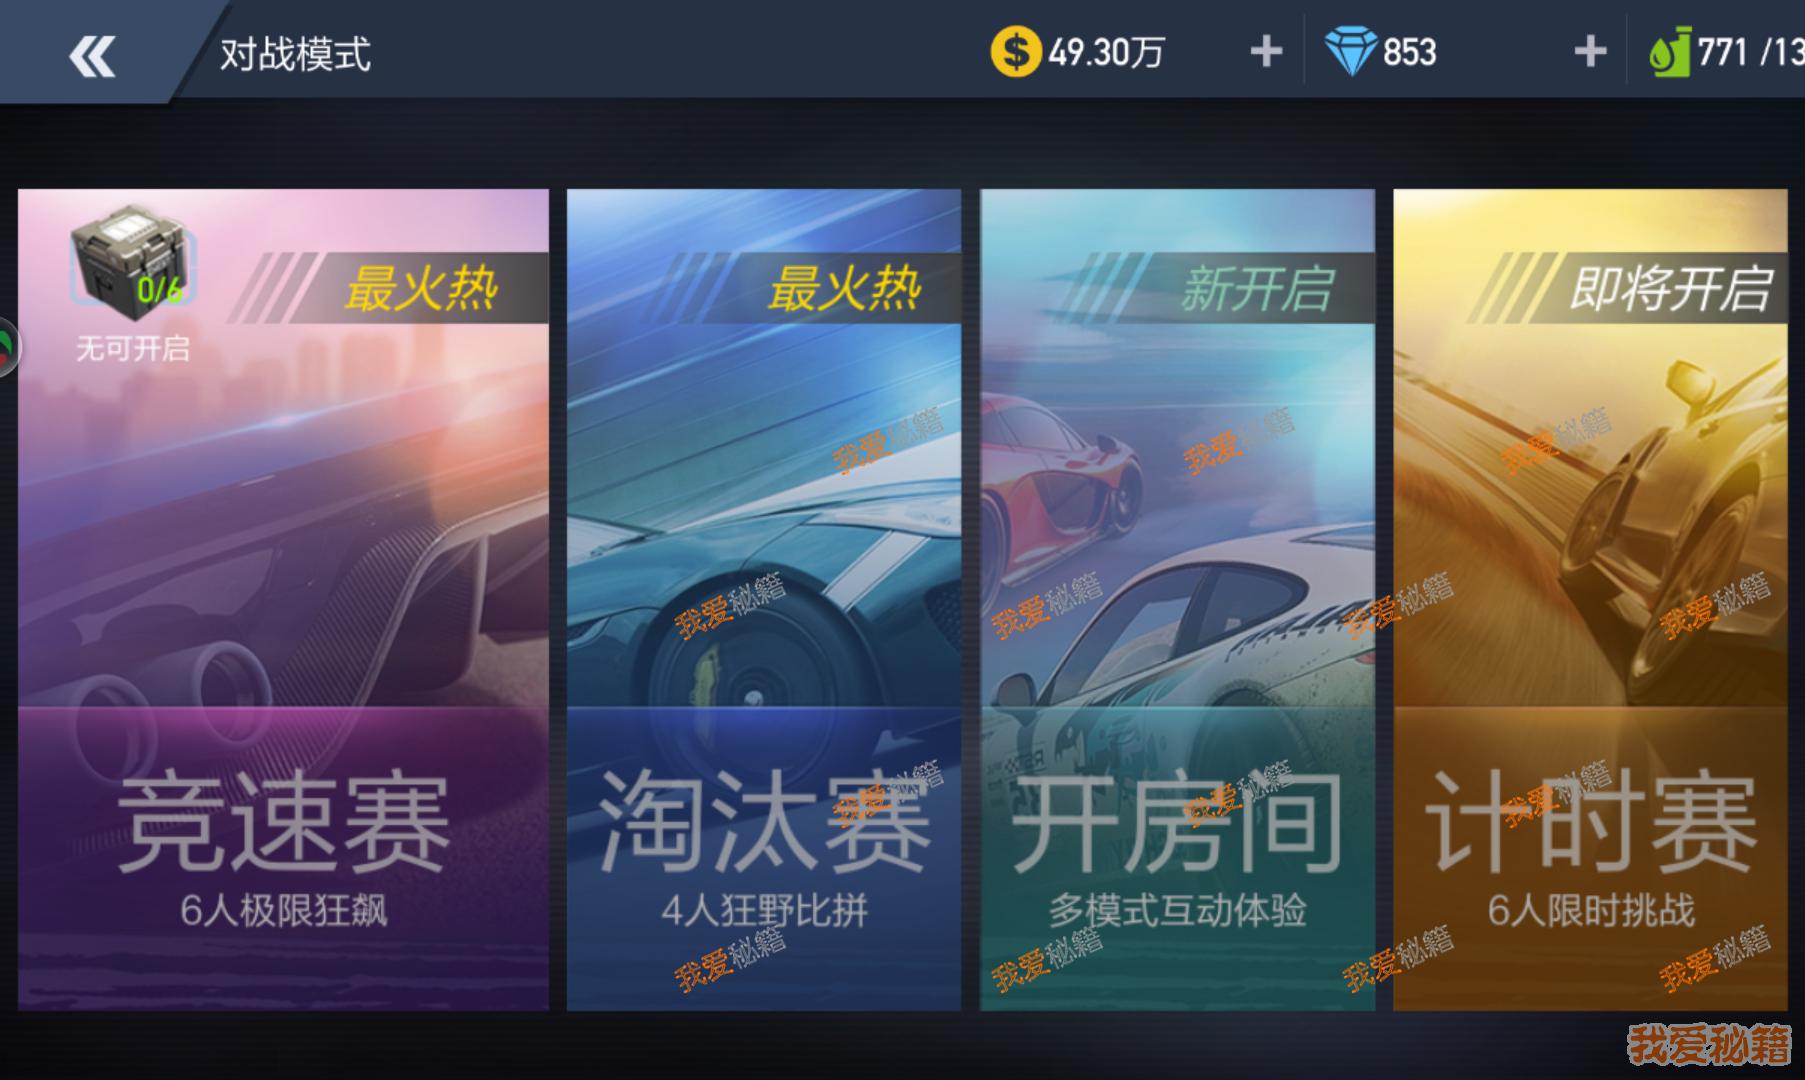 小米赛车游戏模式及玩法介绍